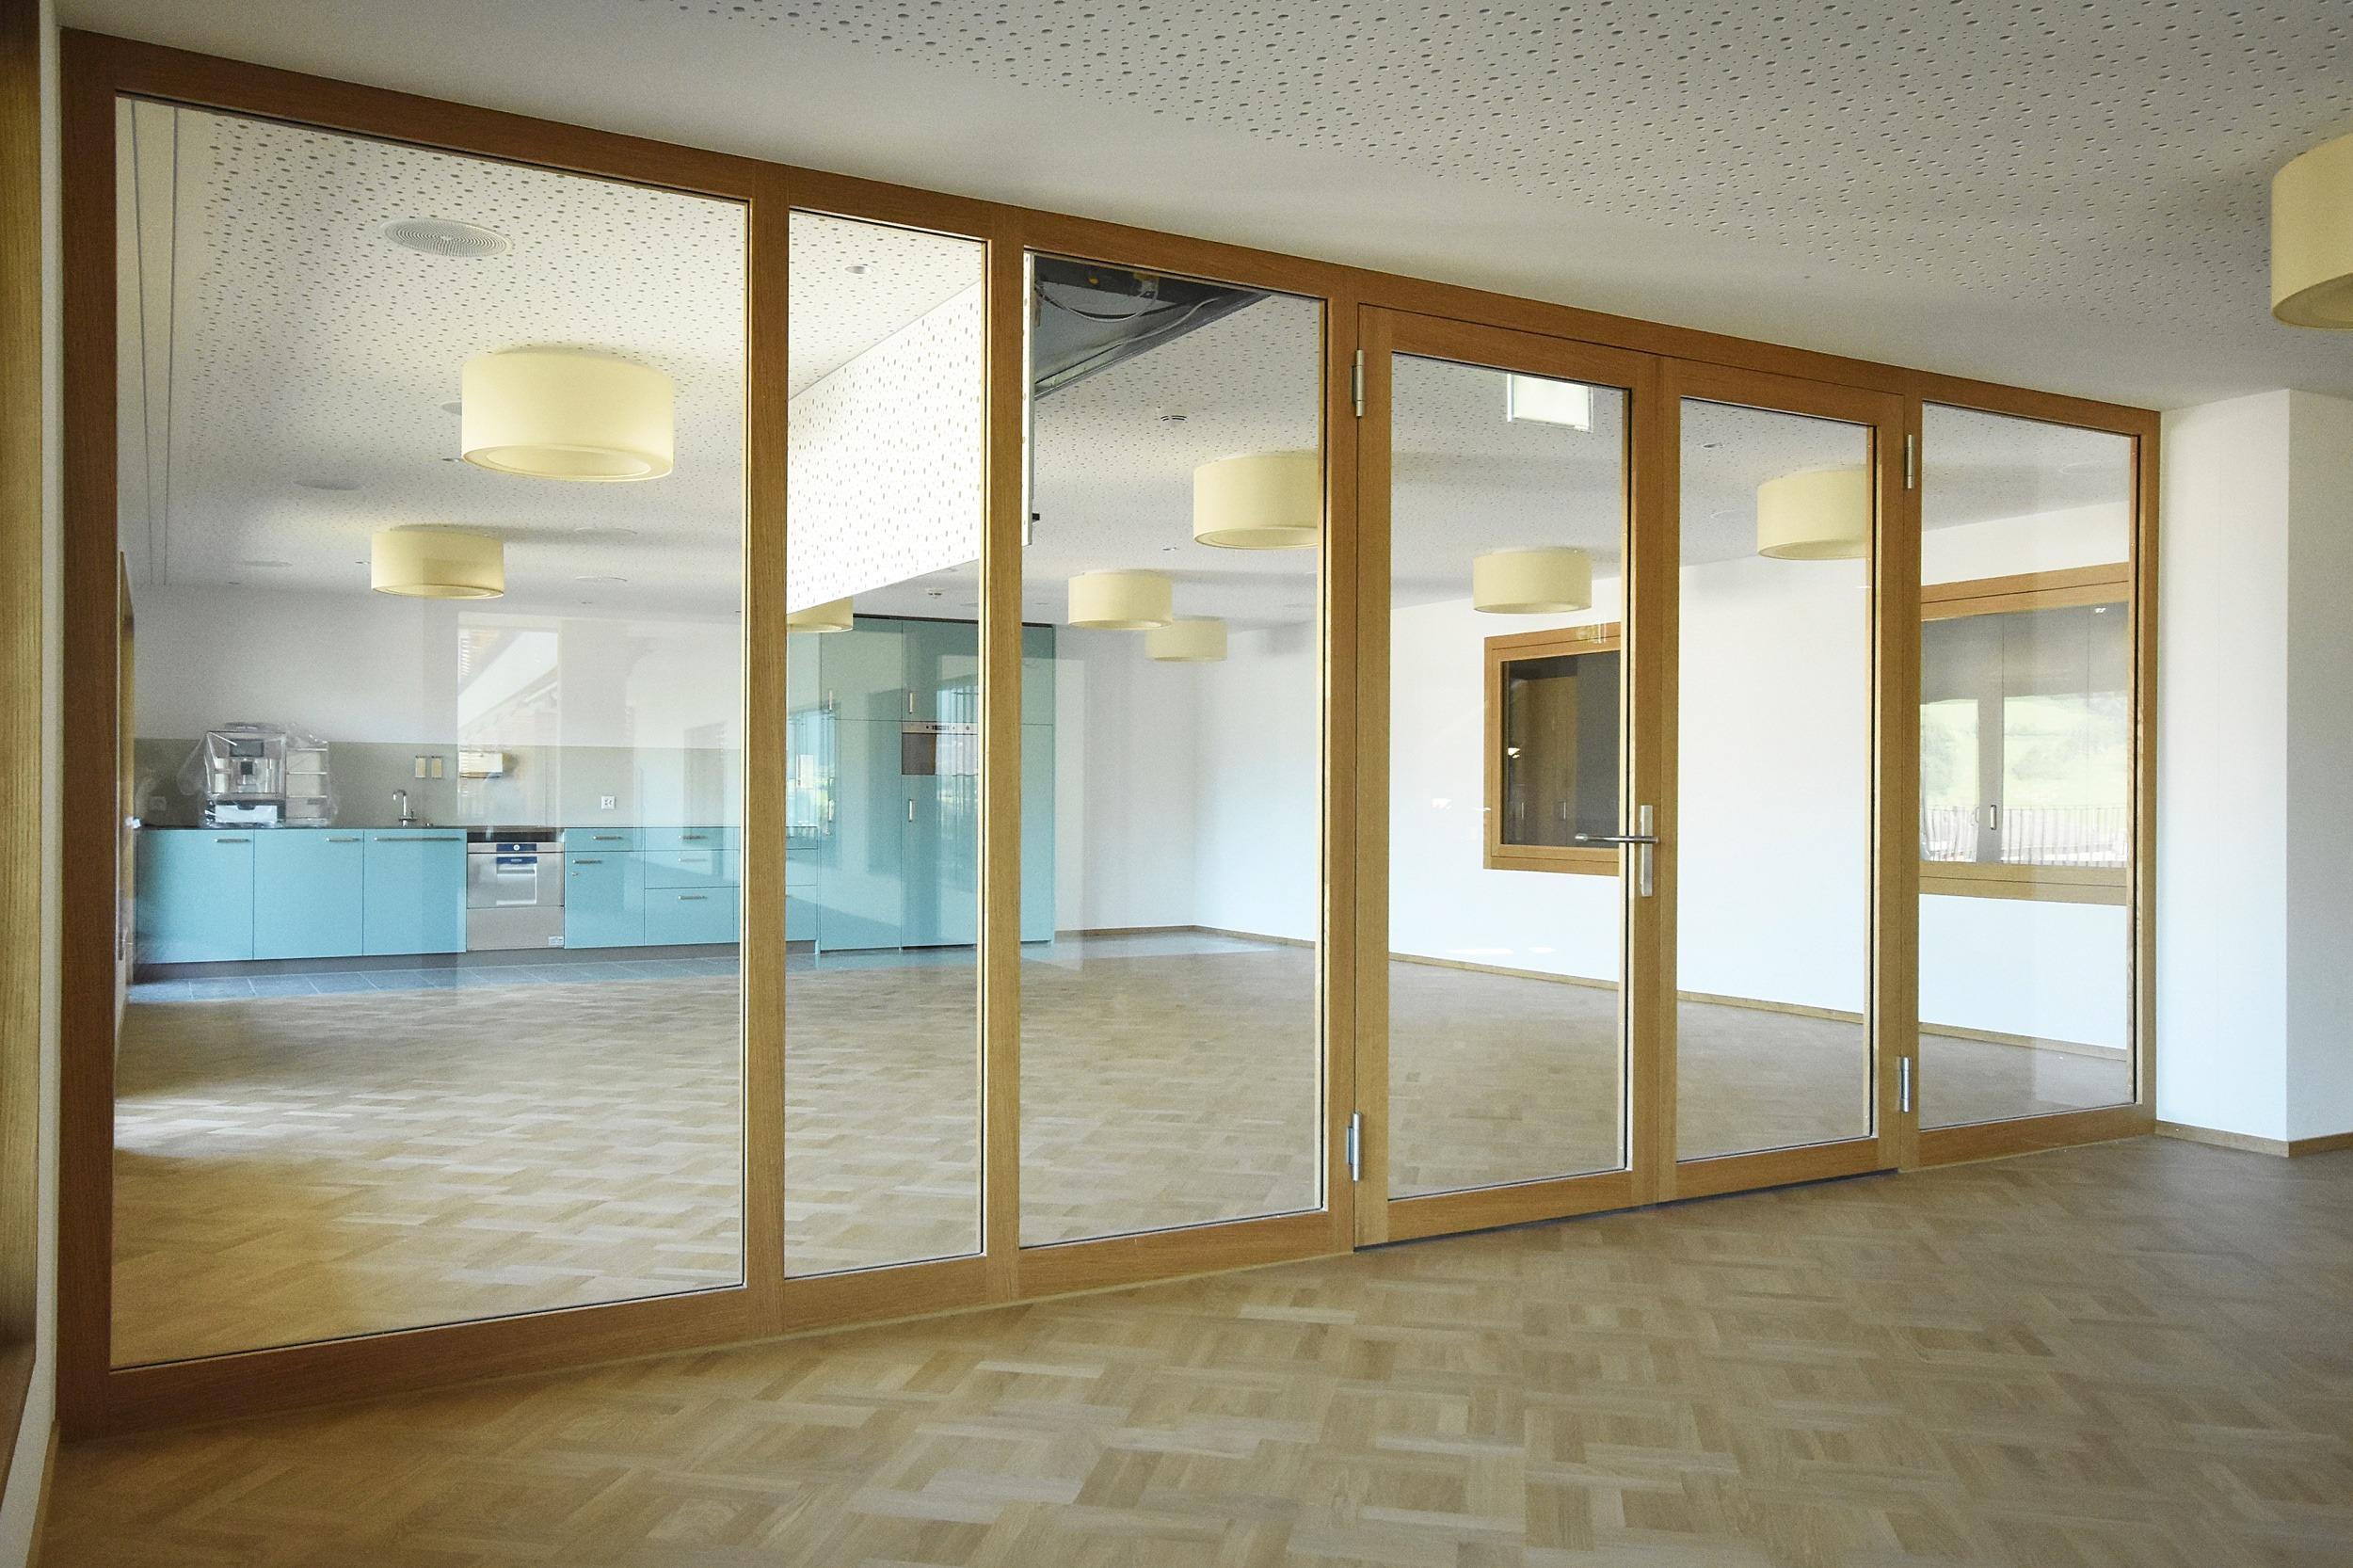 Fenstertuere_Framestar_Alterszentrum_Rubiswil_ 06